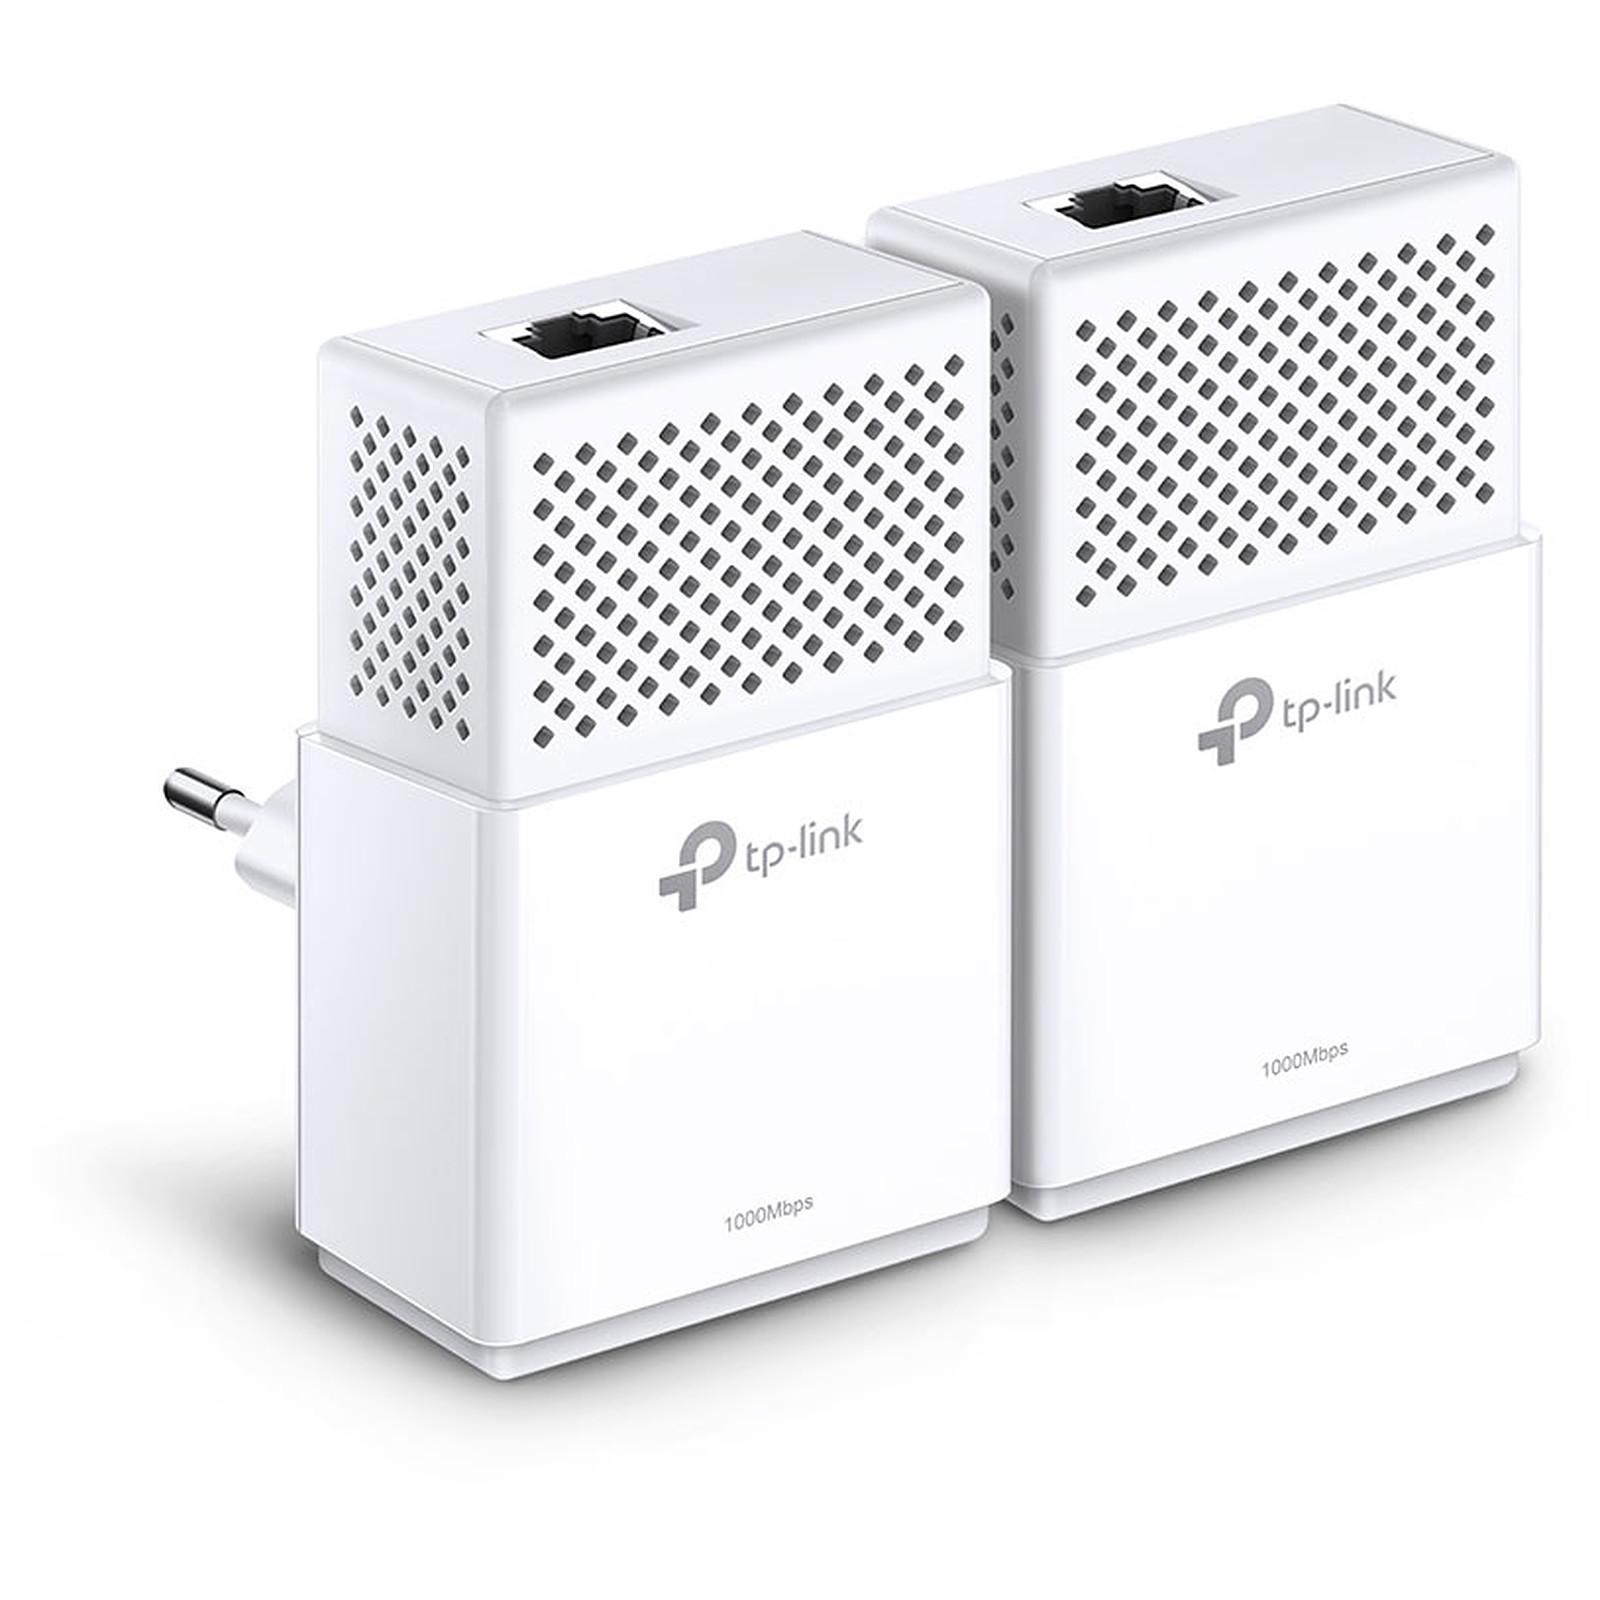 TP-LINK TL-PA7010 Kit